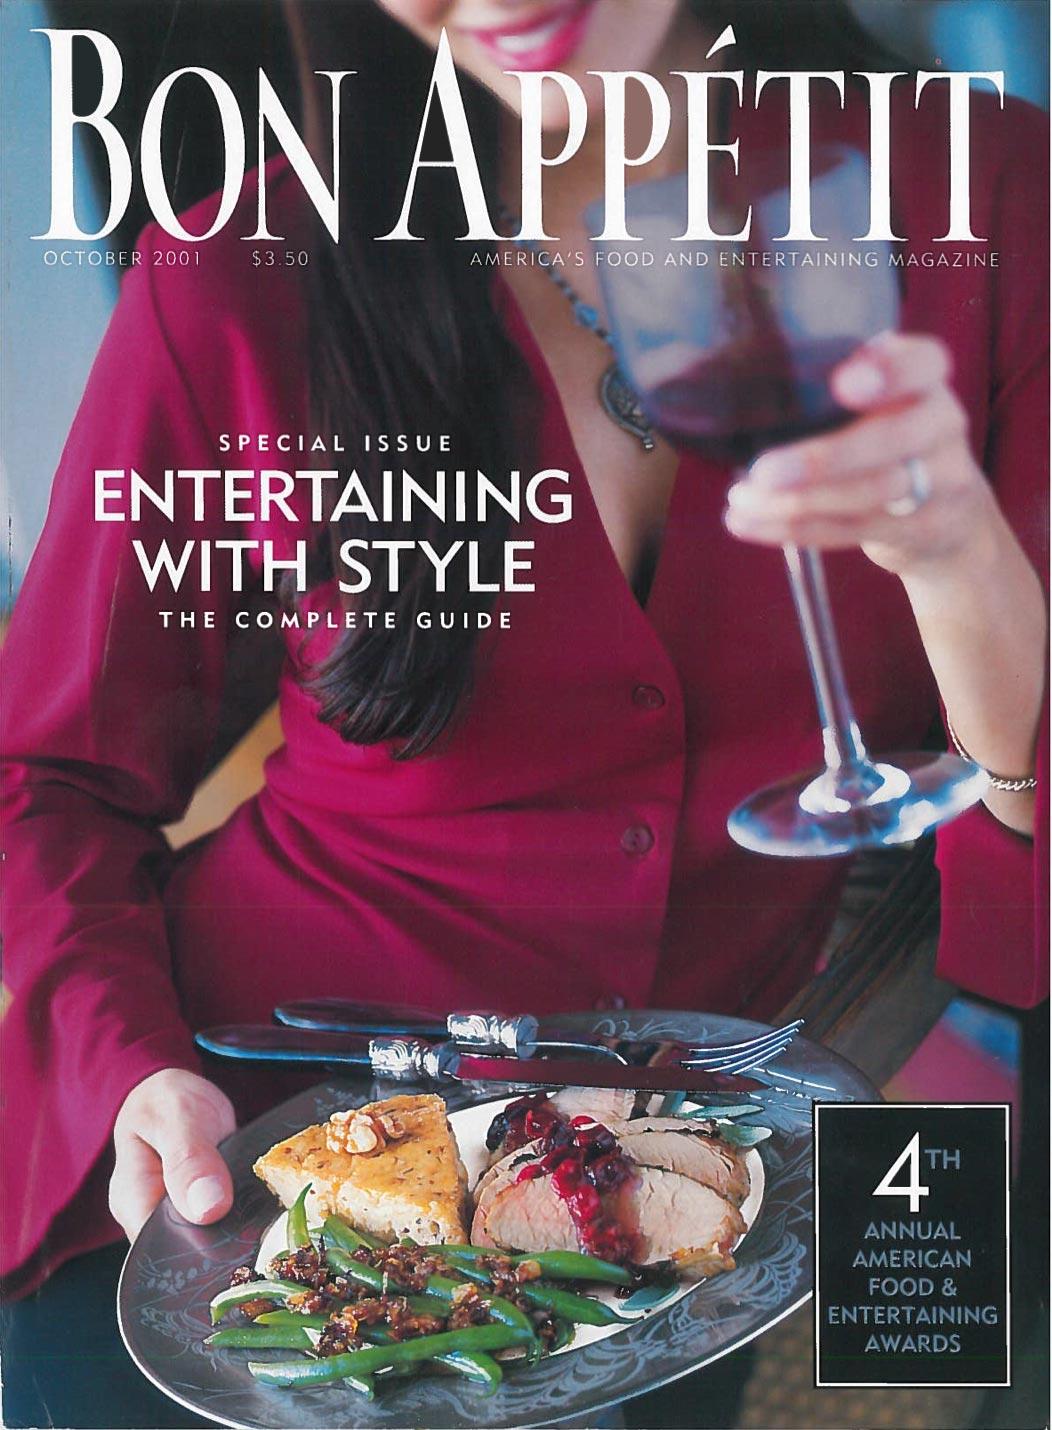 http://www.maryandsara.com/wp-content/uploads/2017/05/Bon-Appetite-Oct-2001-full.pdf